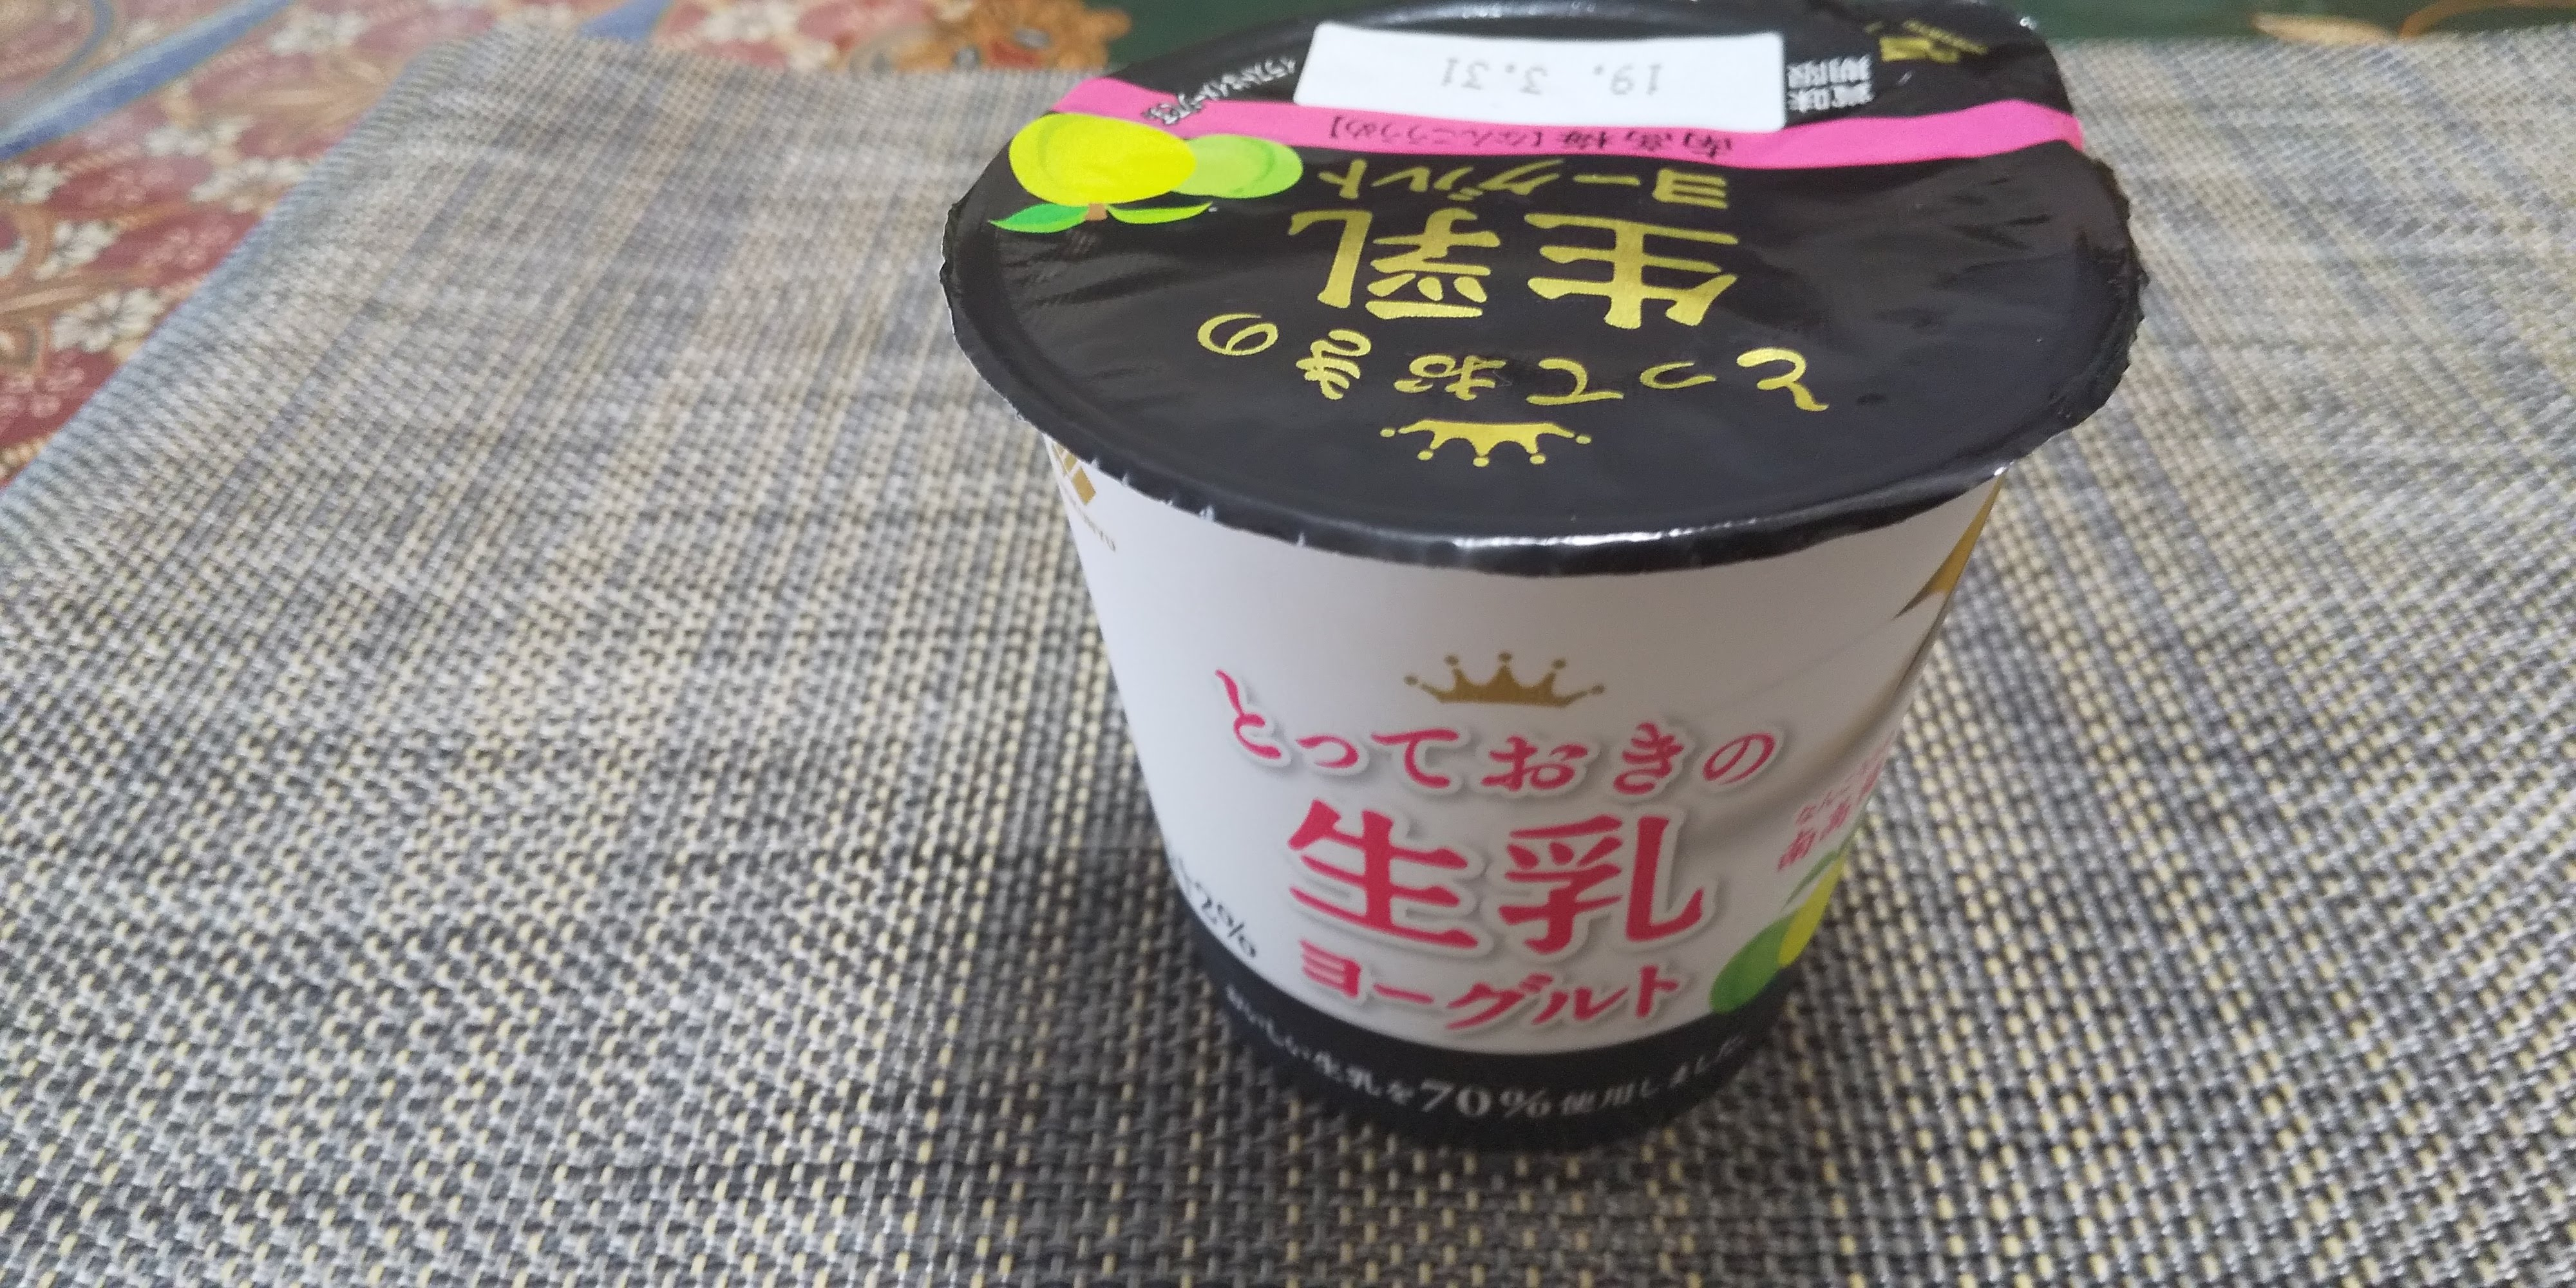 北海道乳業【とっておきの生乳ヨーグルト 南高梅】